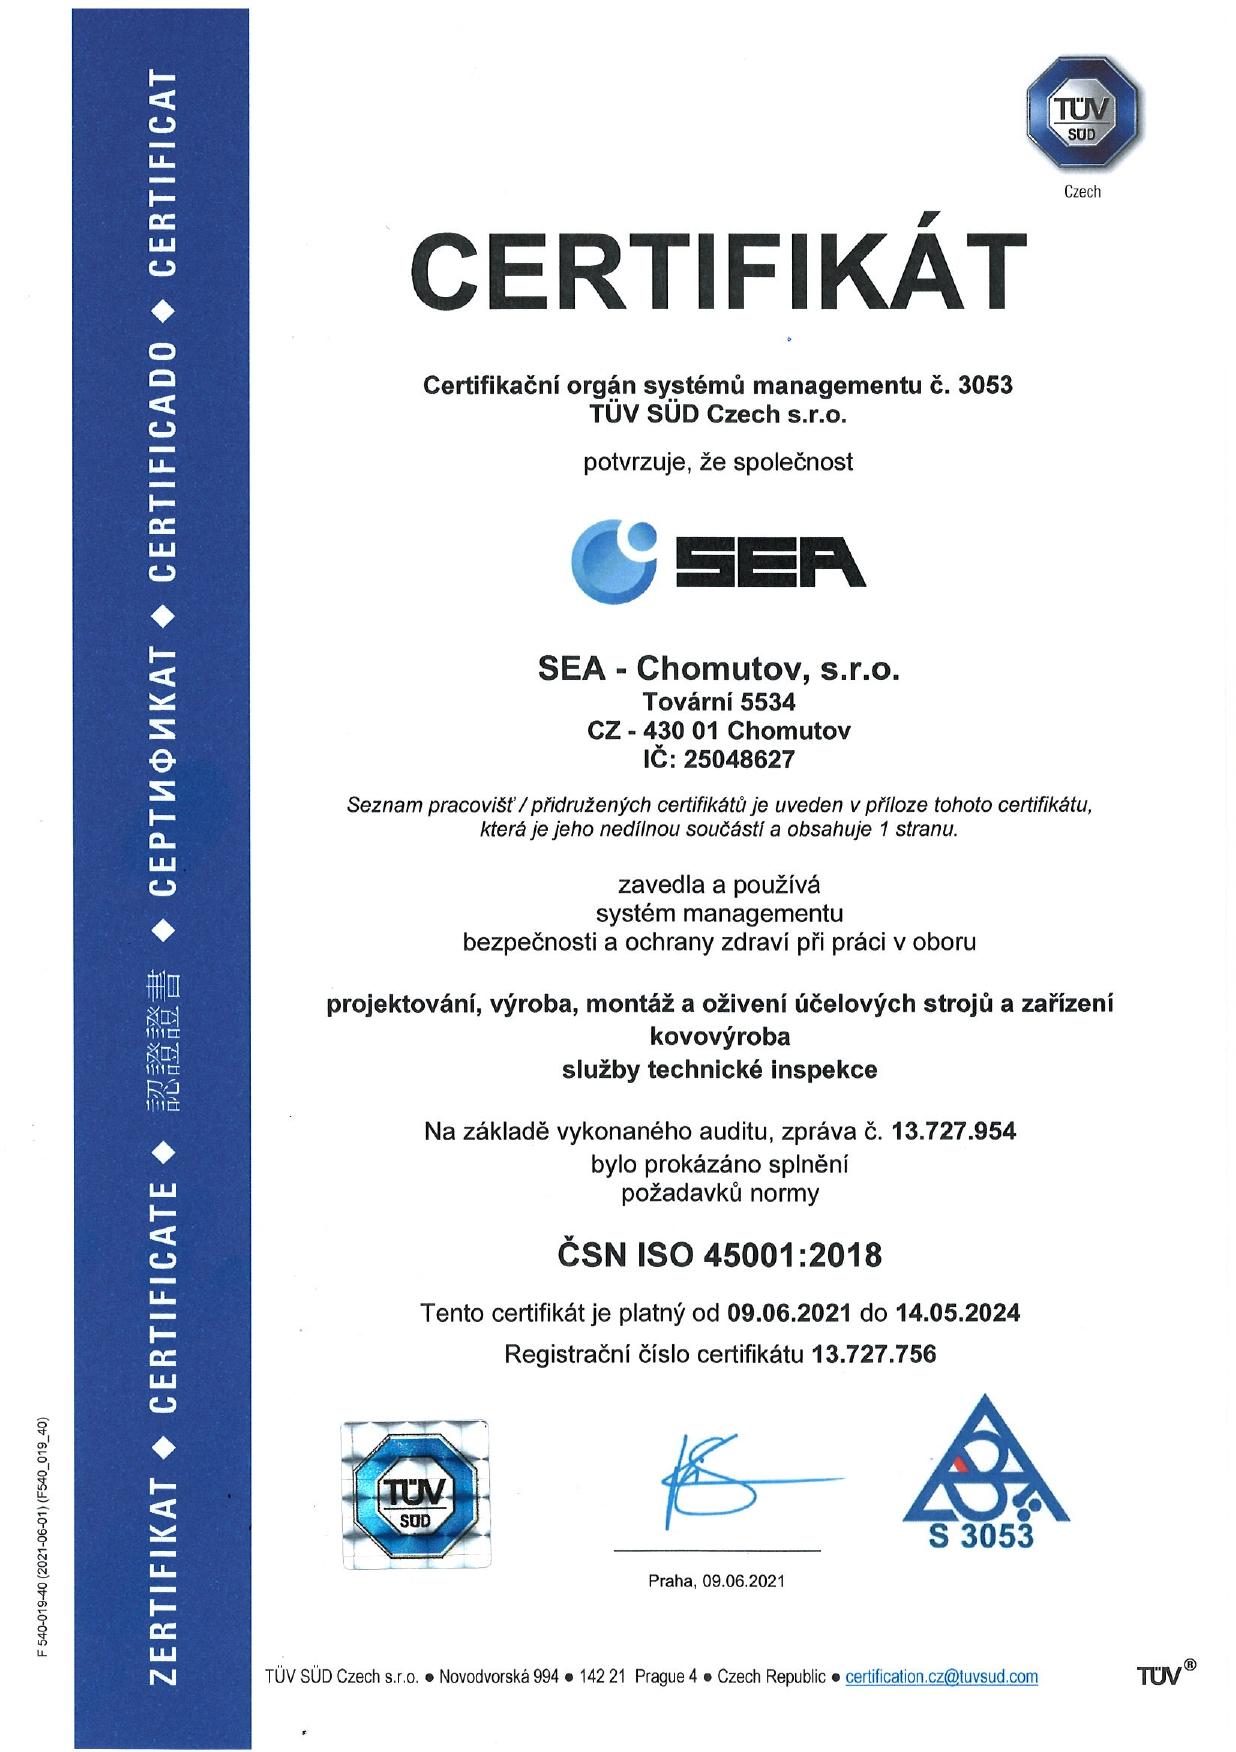 Certifikát systému managementu bezpečnosti a ochrany zdraví při práci podle ČSN ISO 45001:2018